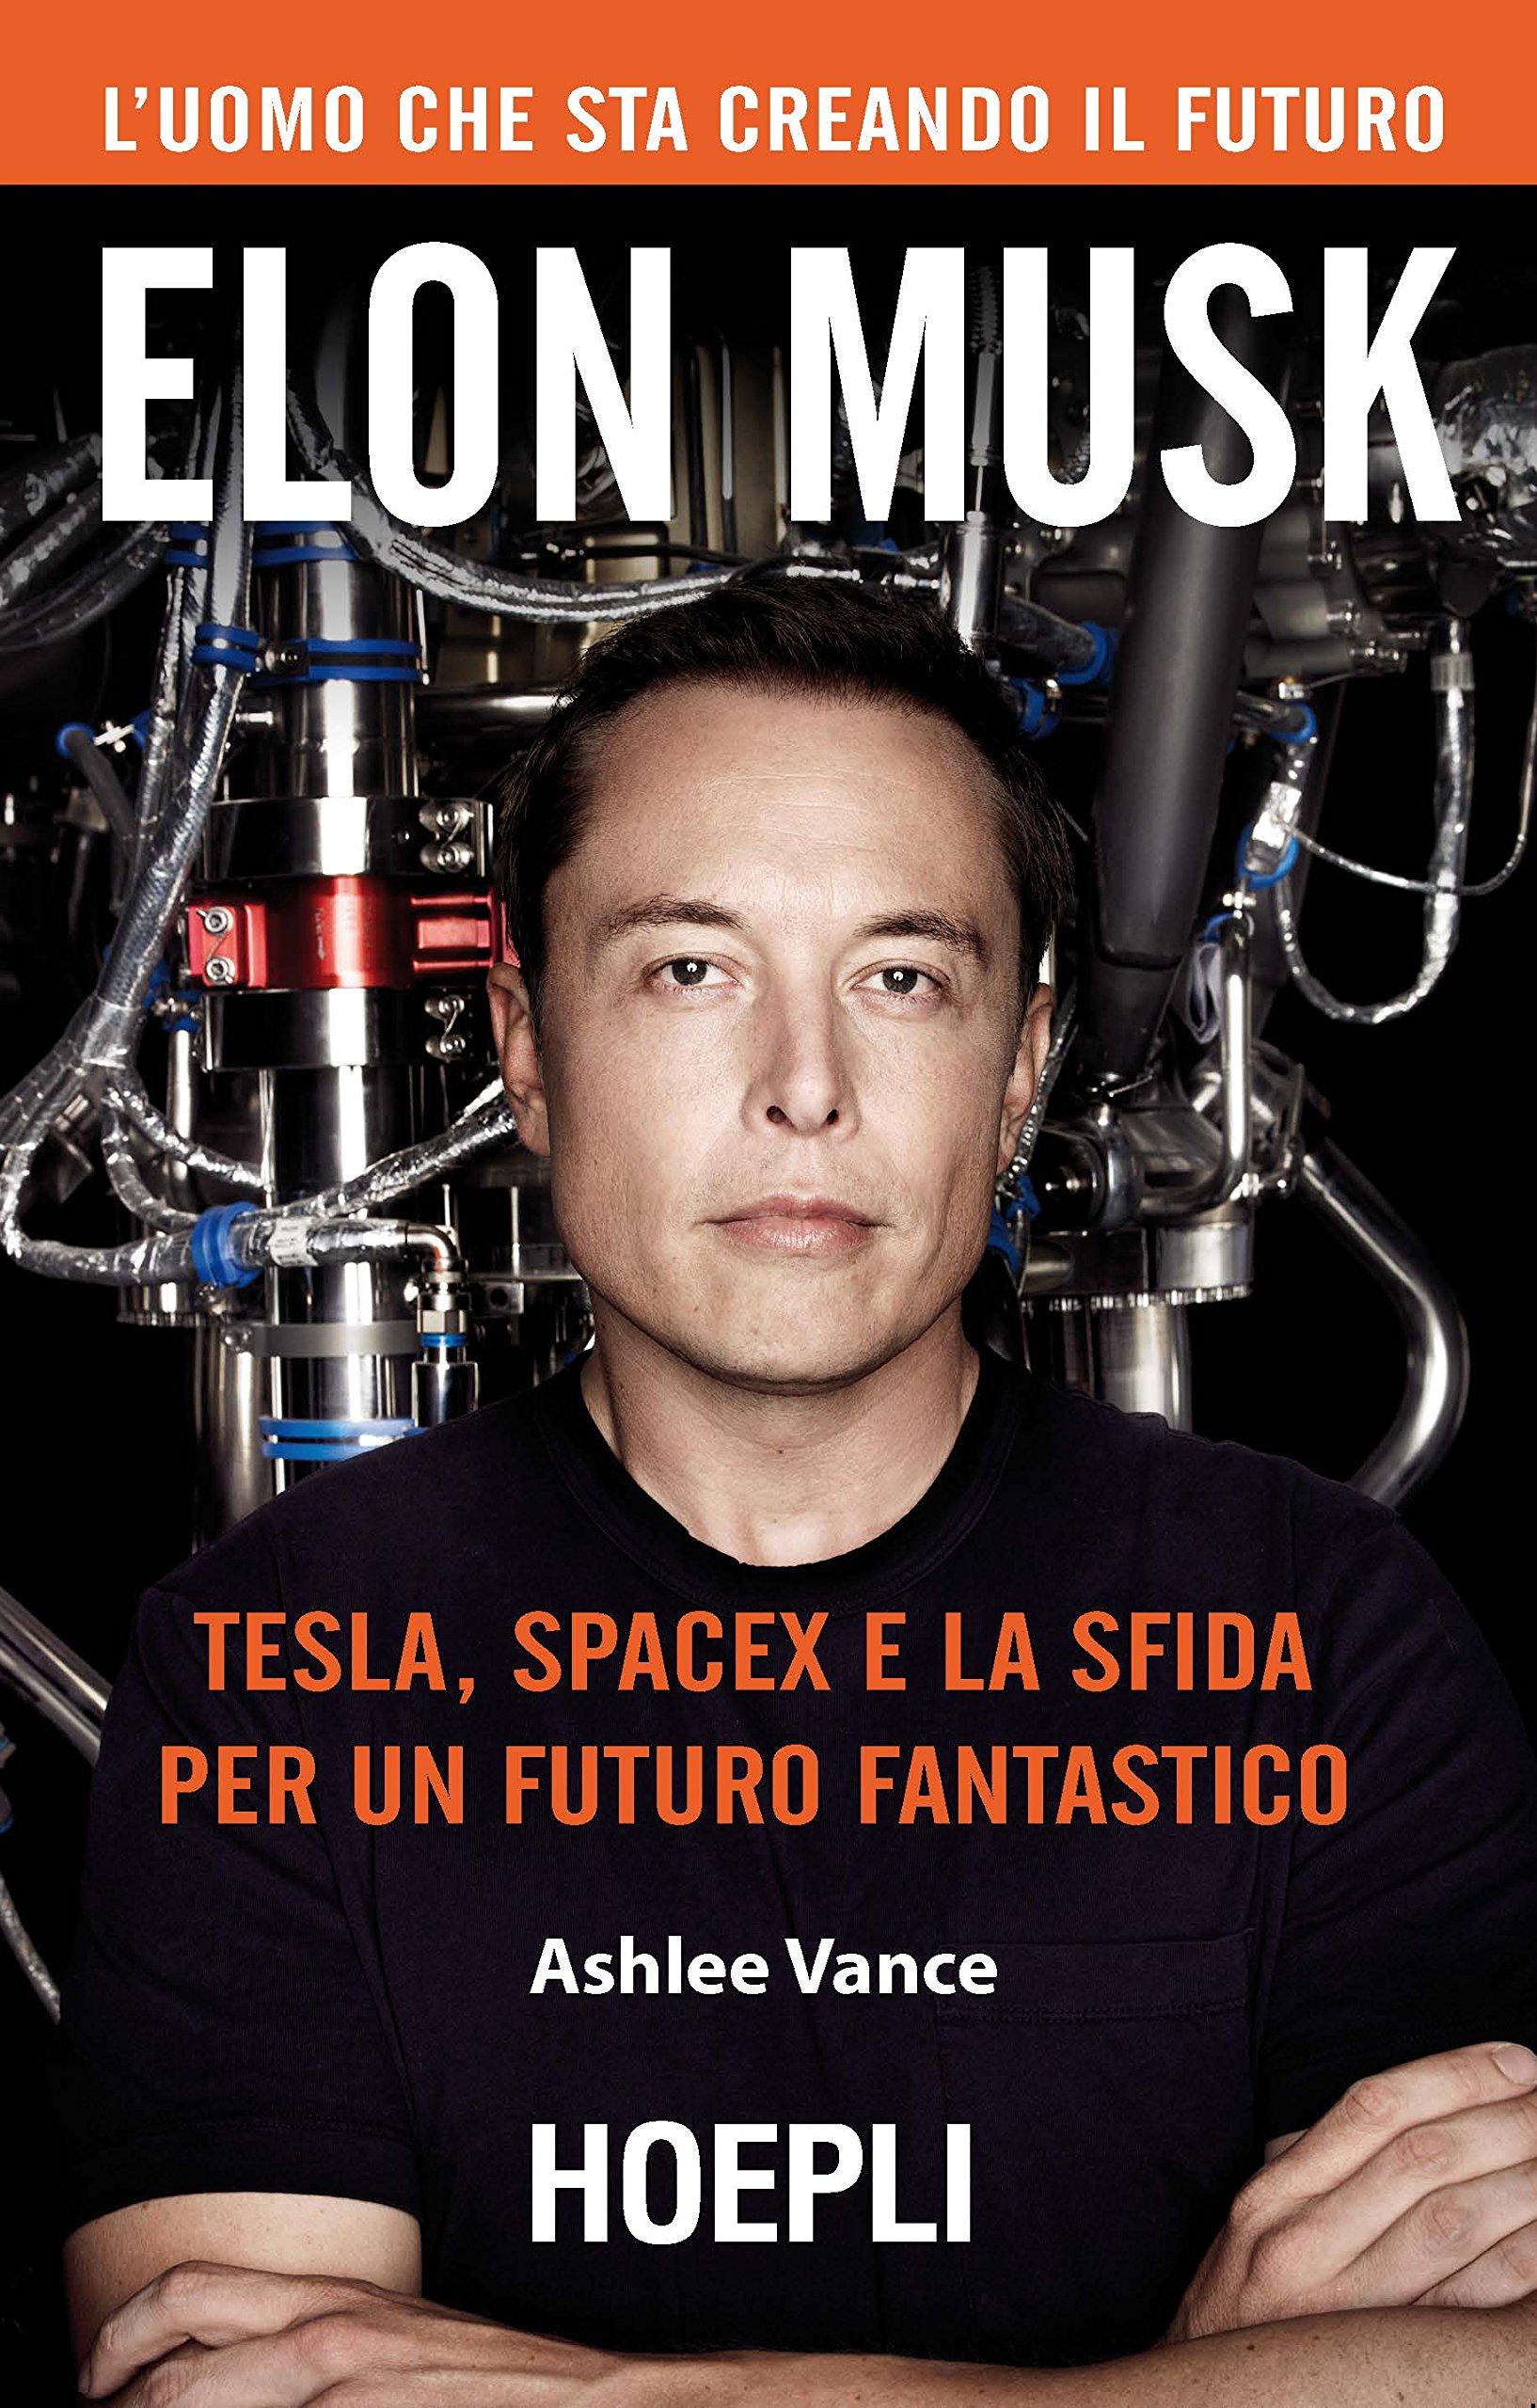 Elon Musk: Tesla, SpaceX e la sfida per un futuro fantastico (Italian Edition)